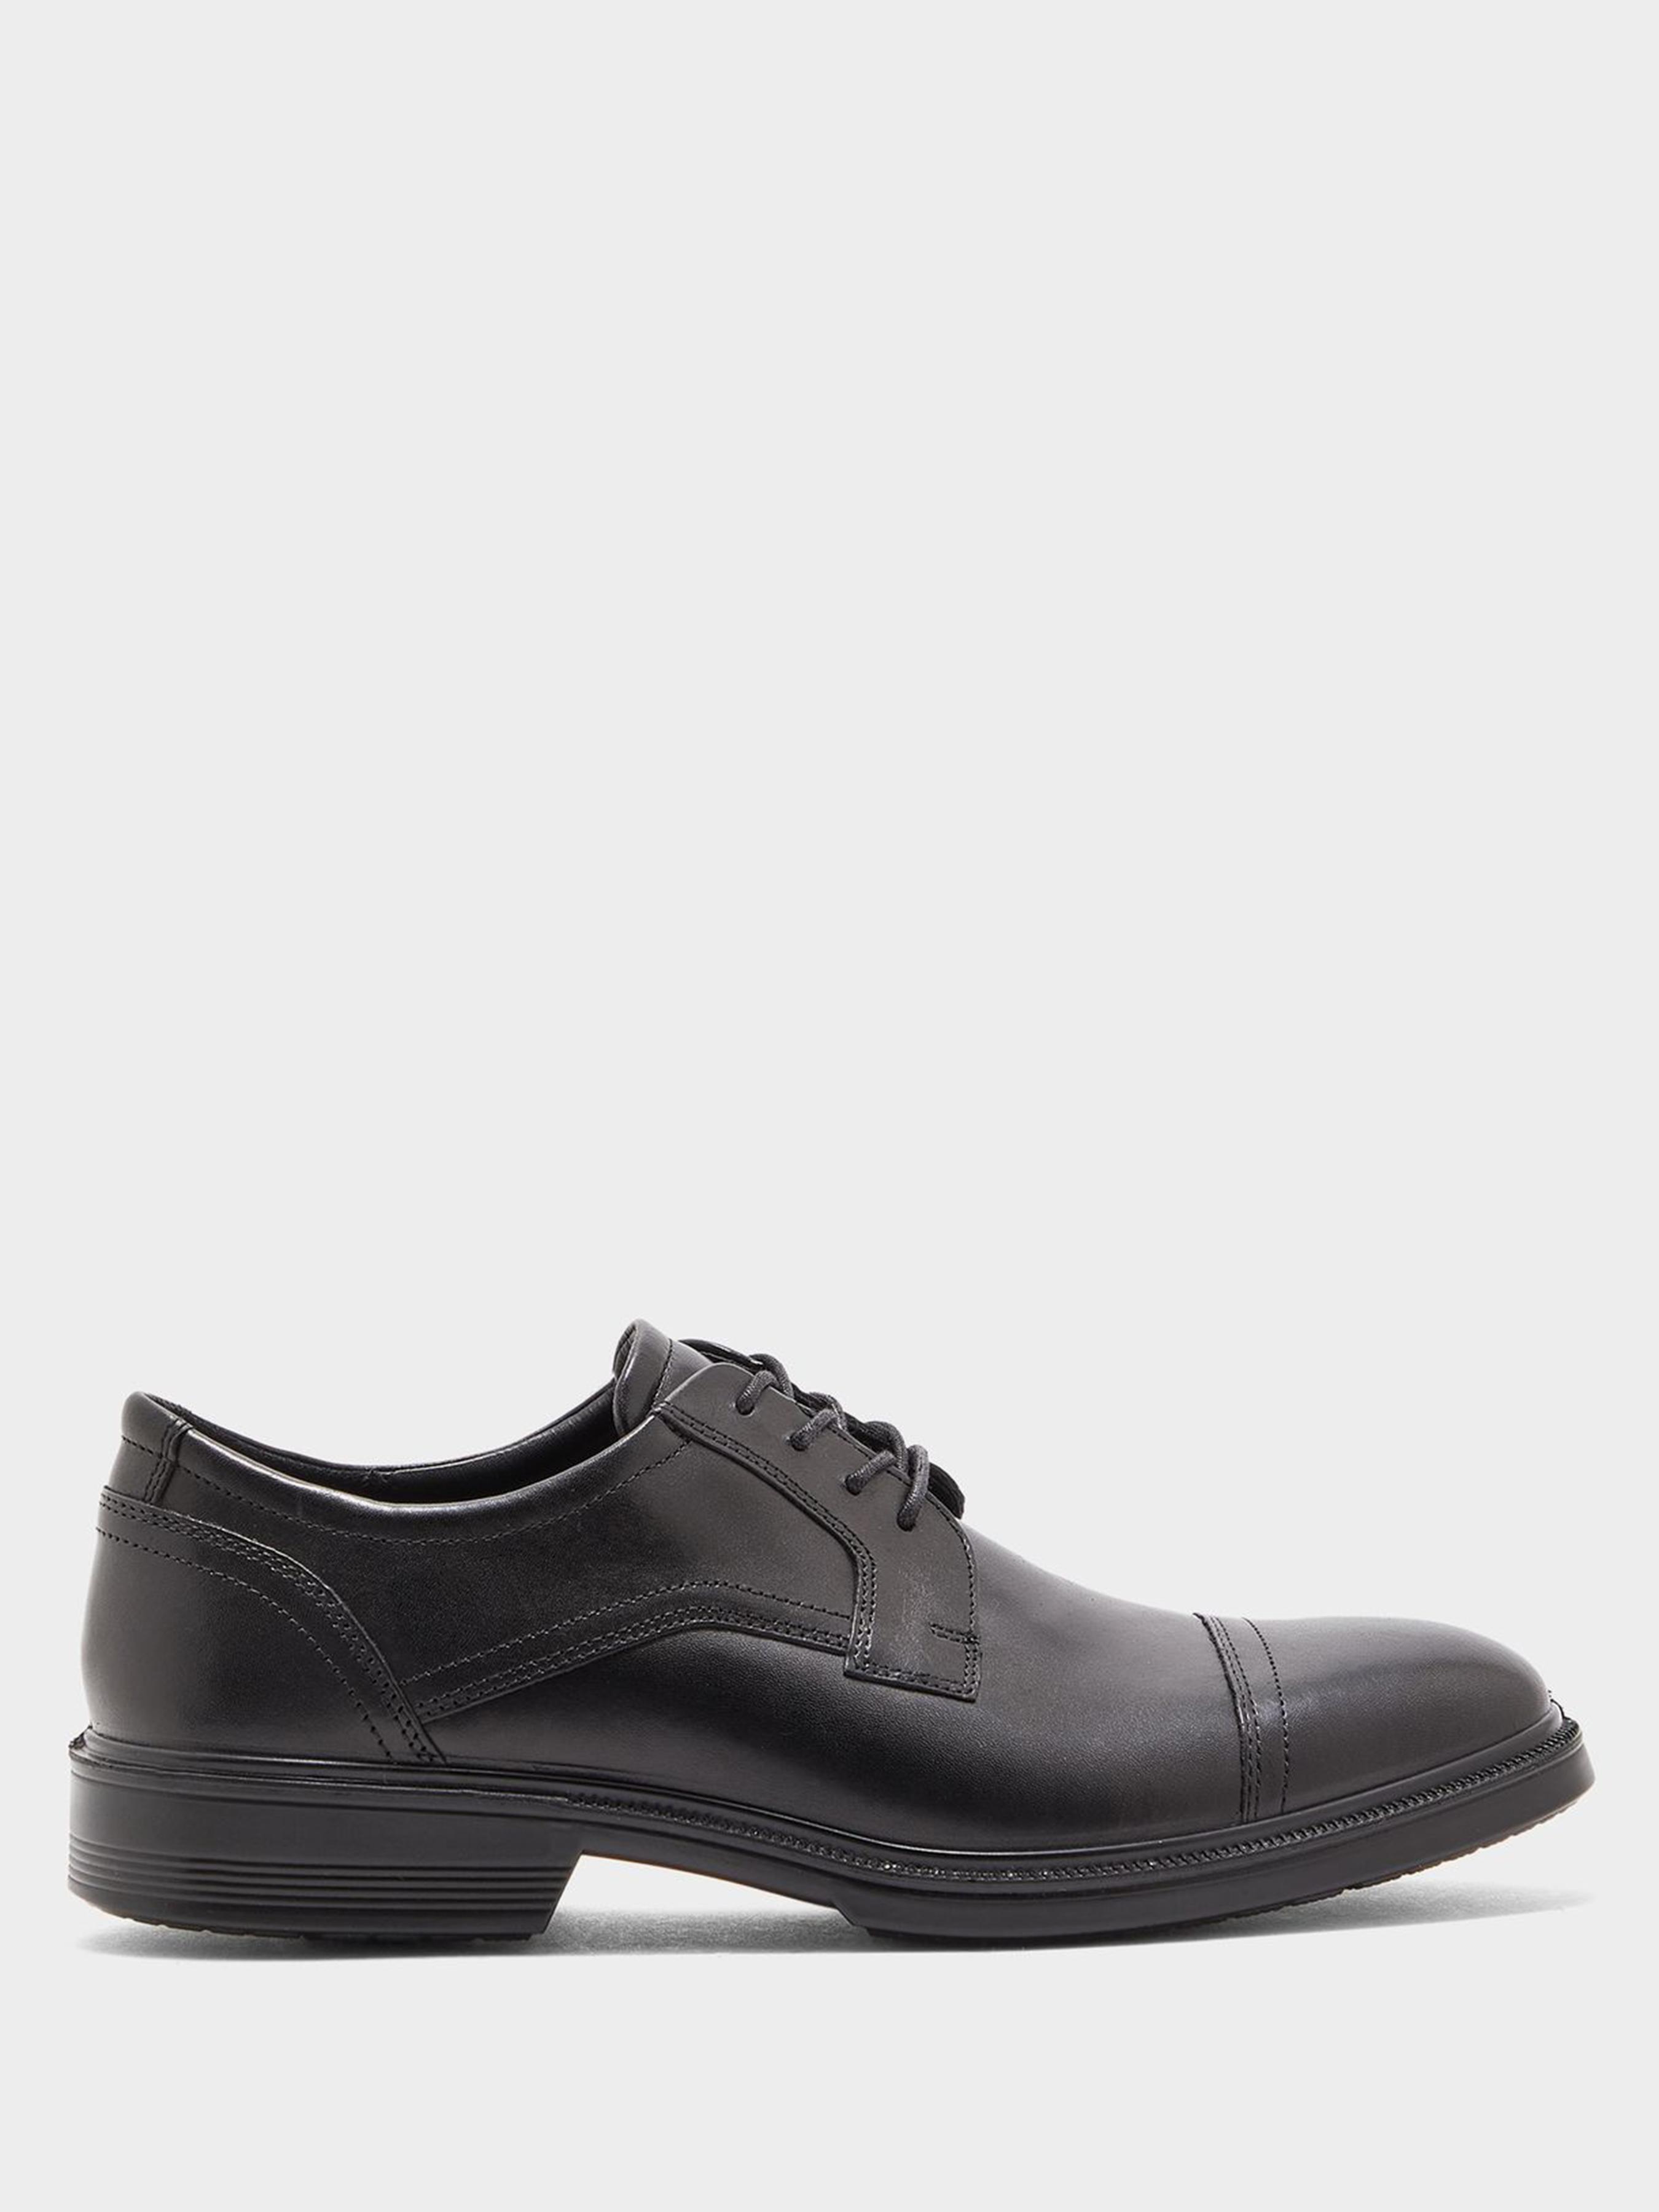 Купить Туфли мужские ECCO LISBON ZM3858, Черный